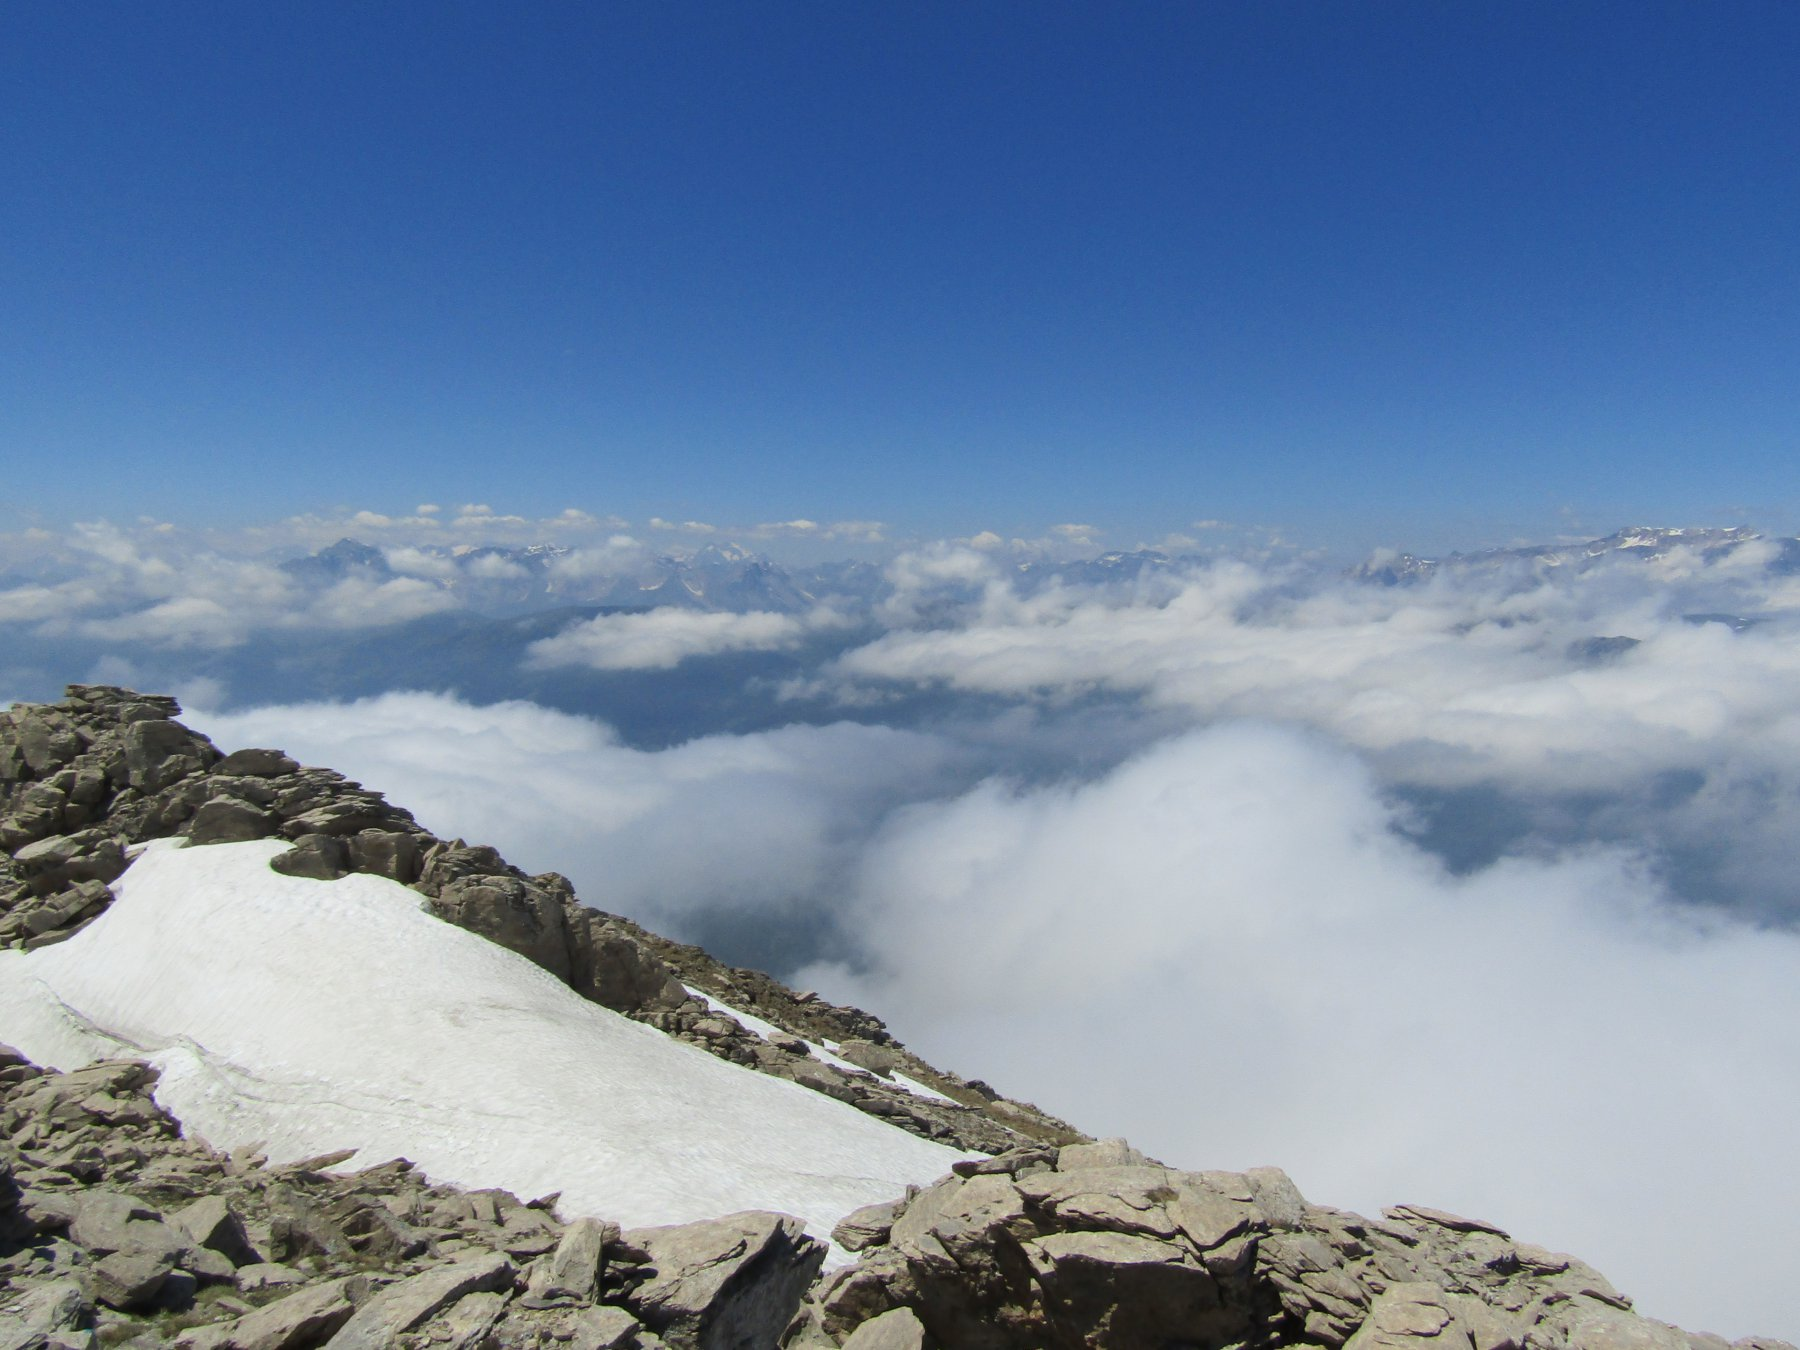 Un mare di nebbia da cui spuntano splendide cime